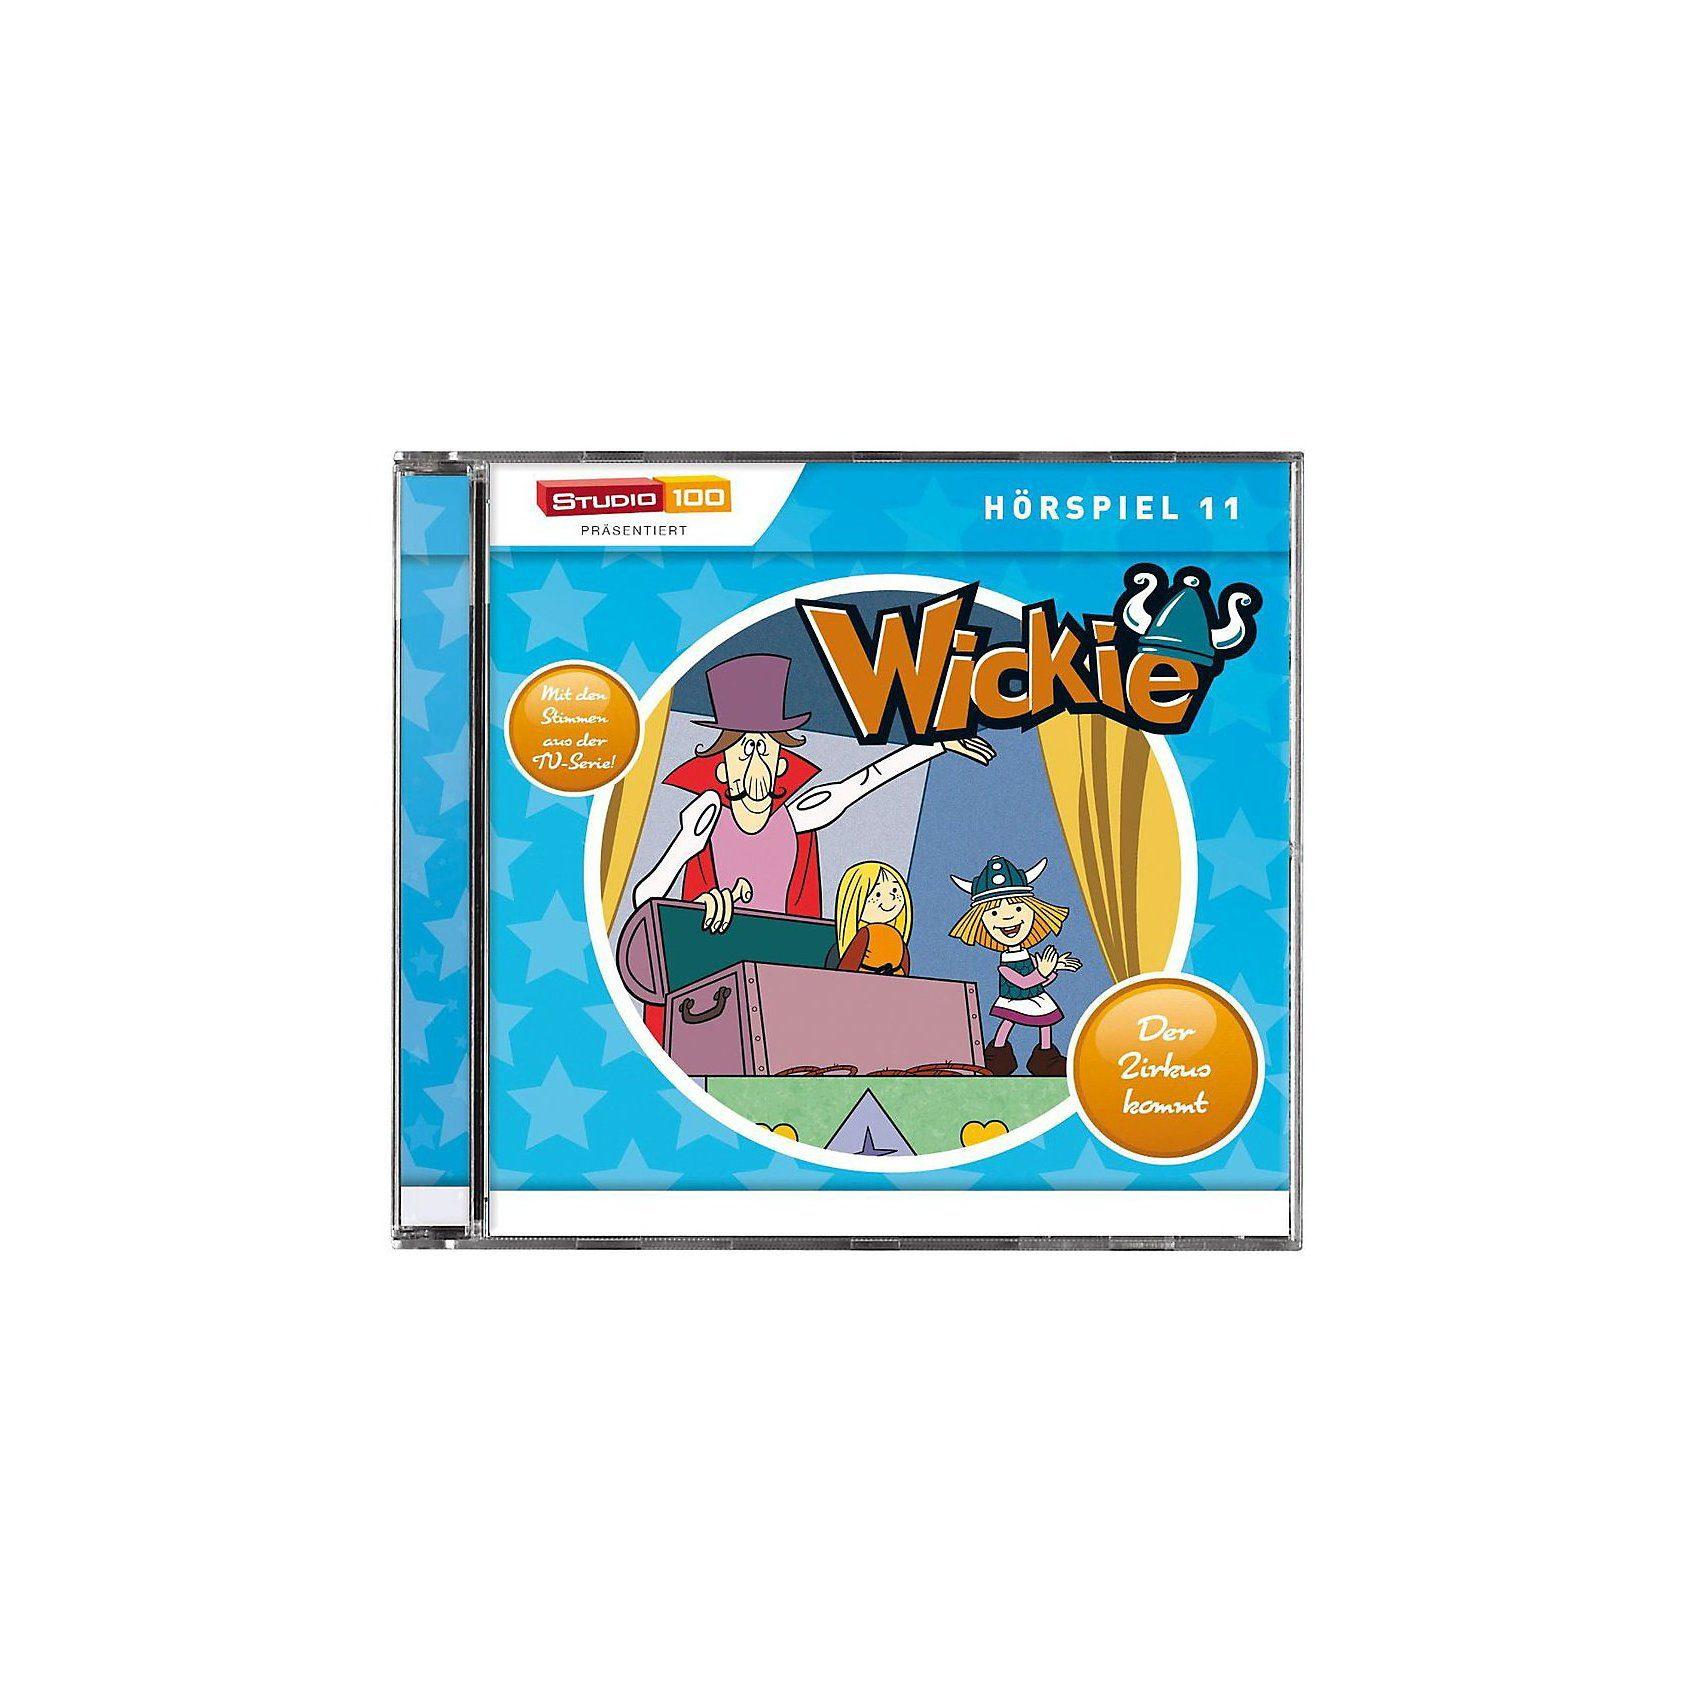 CD Wickie und die starken Männer 11 - Der Zirkus komm